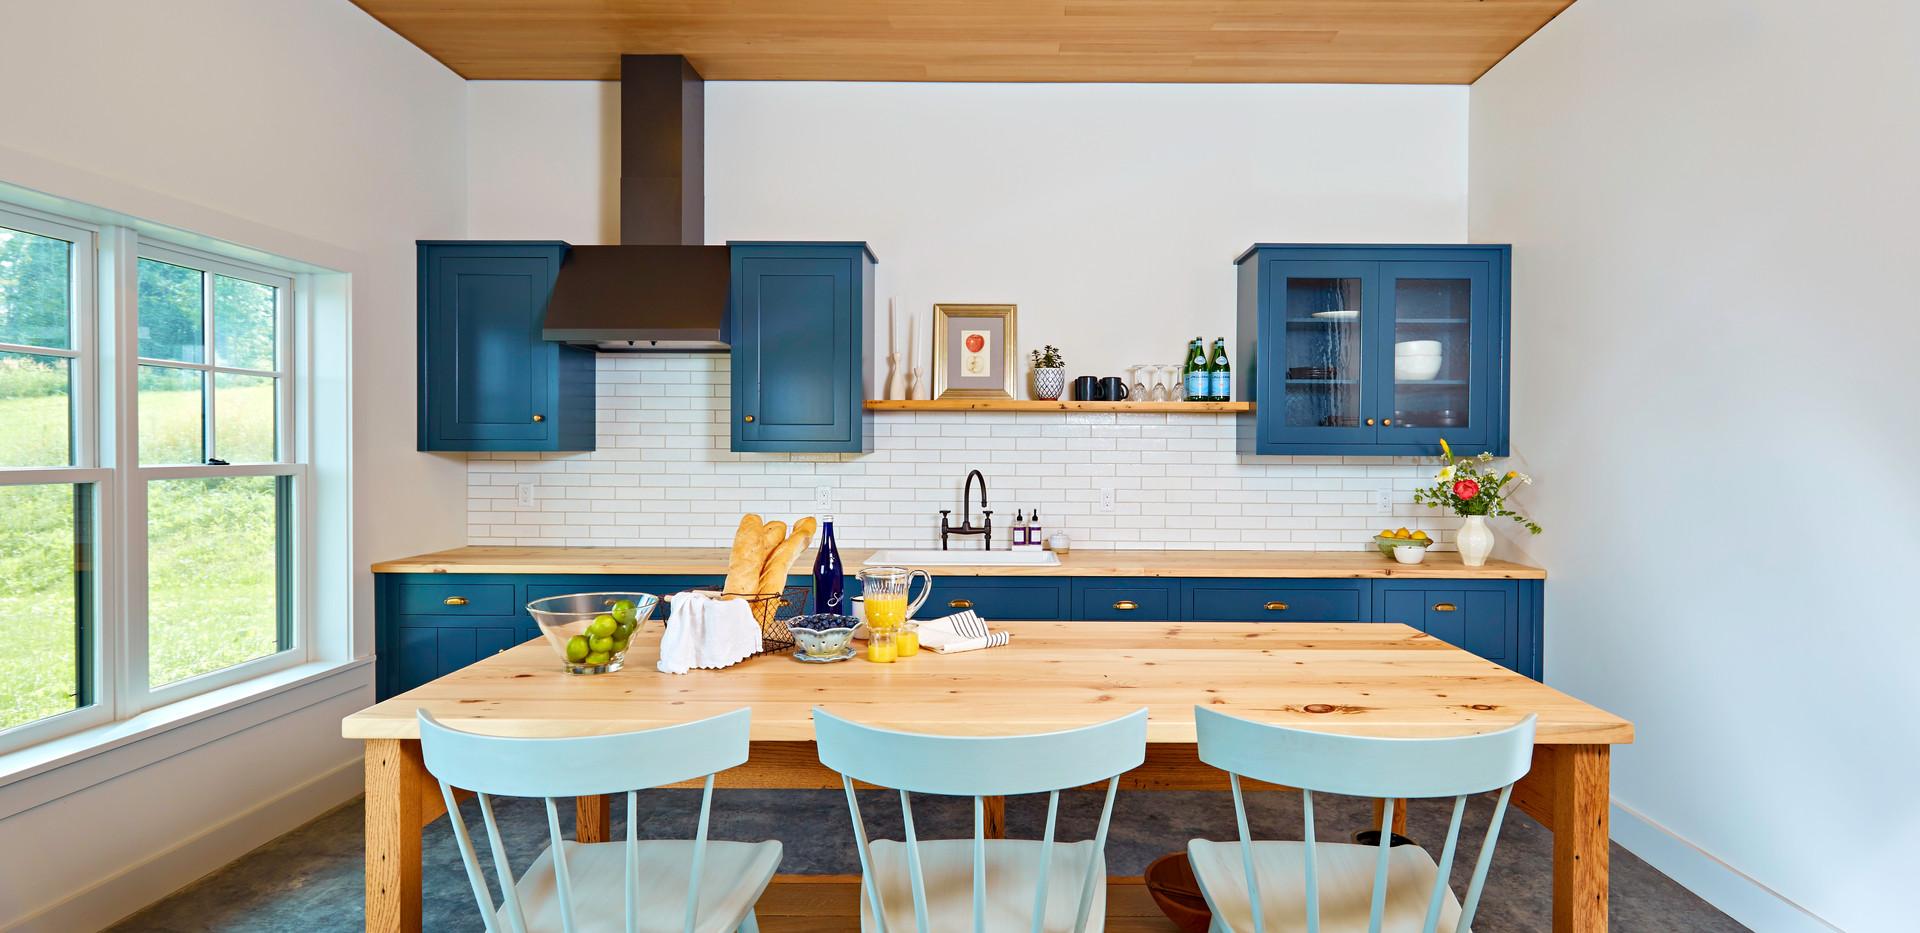 519-House_Second-Kitchen _Island-1.jpg